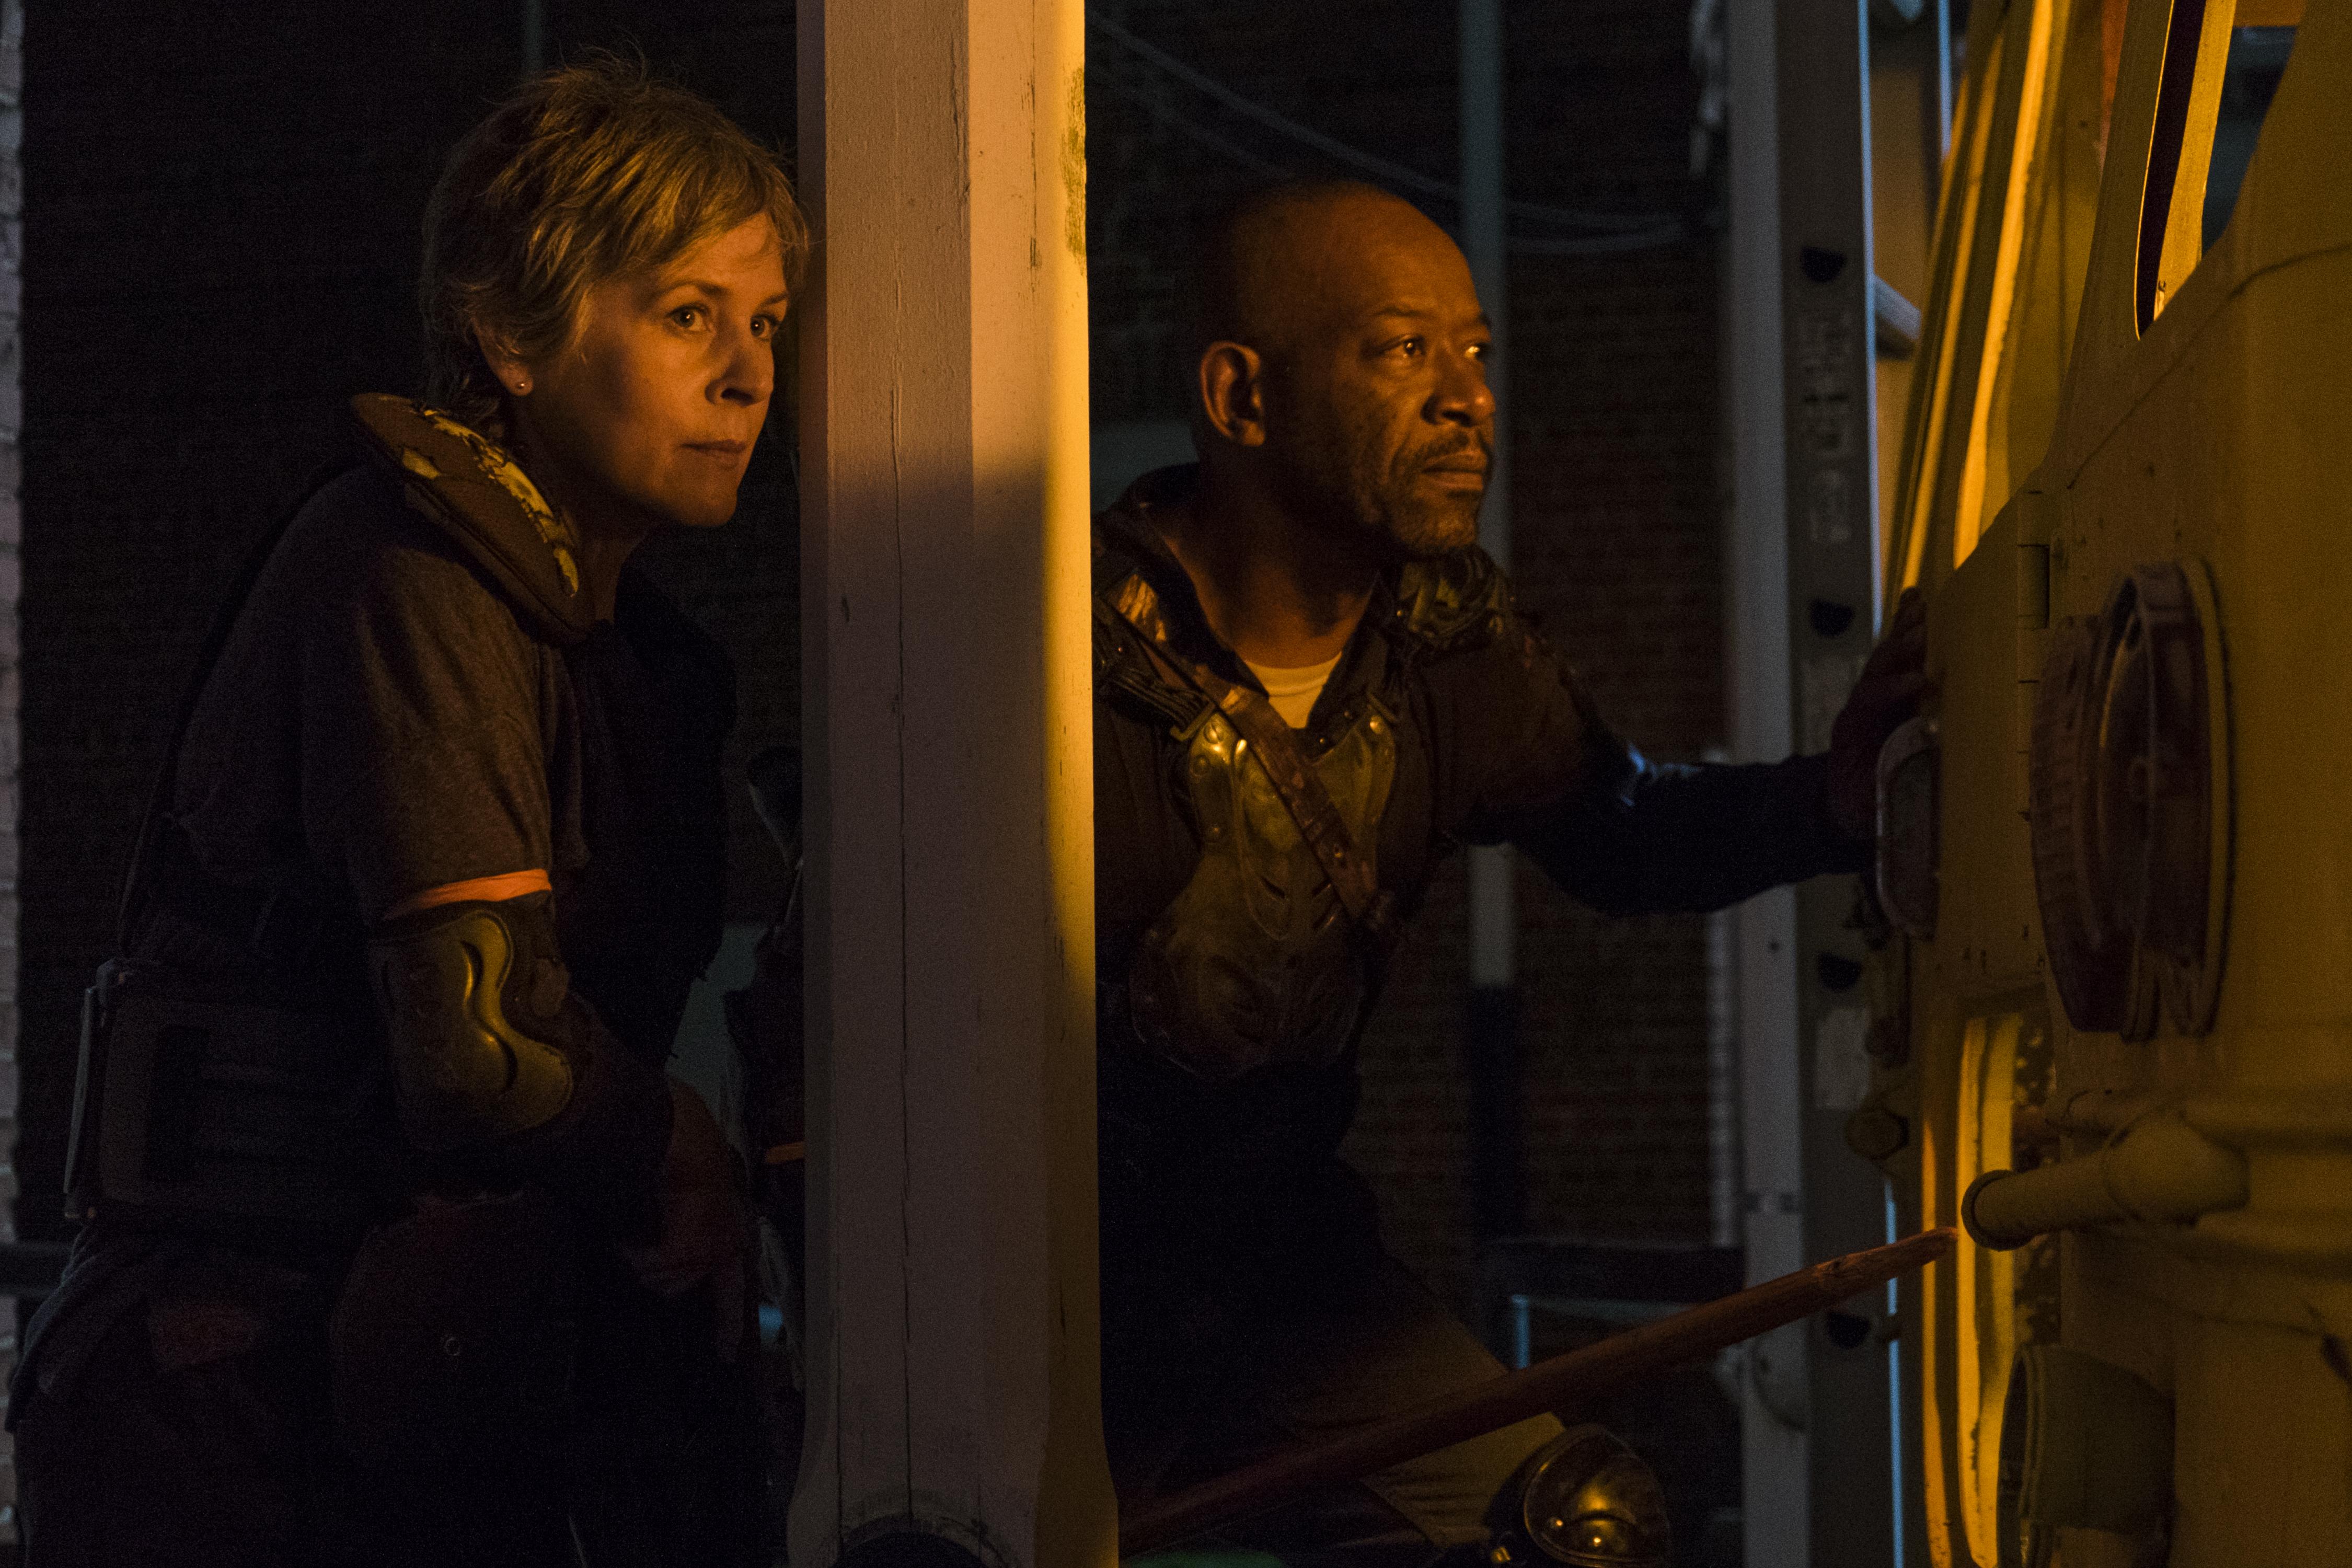 Carol Peletier (Melissa McBride) et Morgan Jones (Lennie James) se fraient un chemin dans le Royaume - The Walking Dead _ Saison 8, Épisode 9 - Crédit photo: Gene Page/AMC